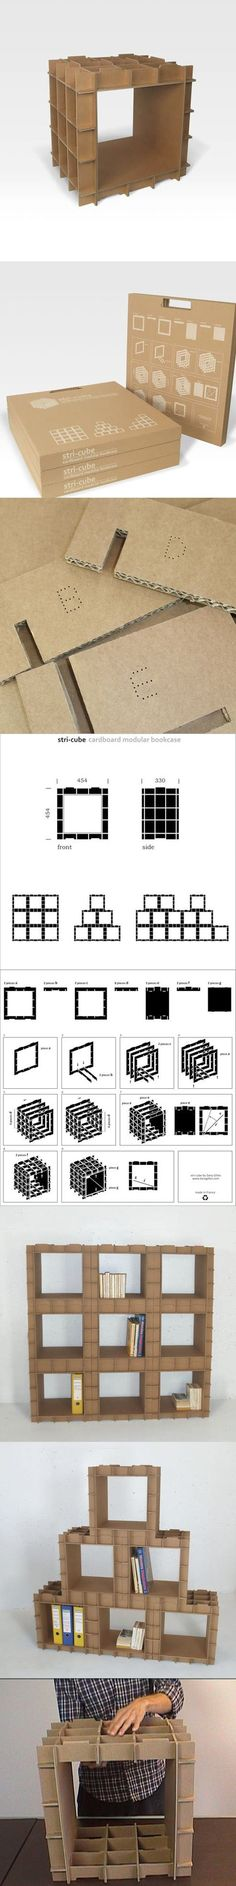 estanteria-carton-gilles-muy-ingenioso-1.jpg (493×3941)